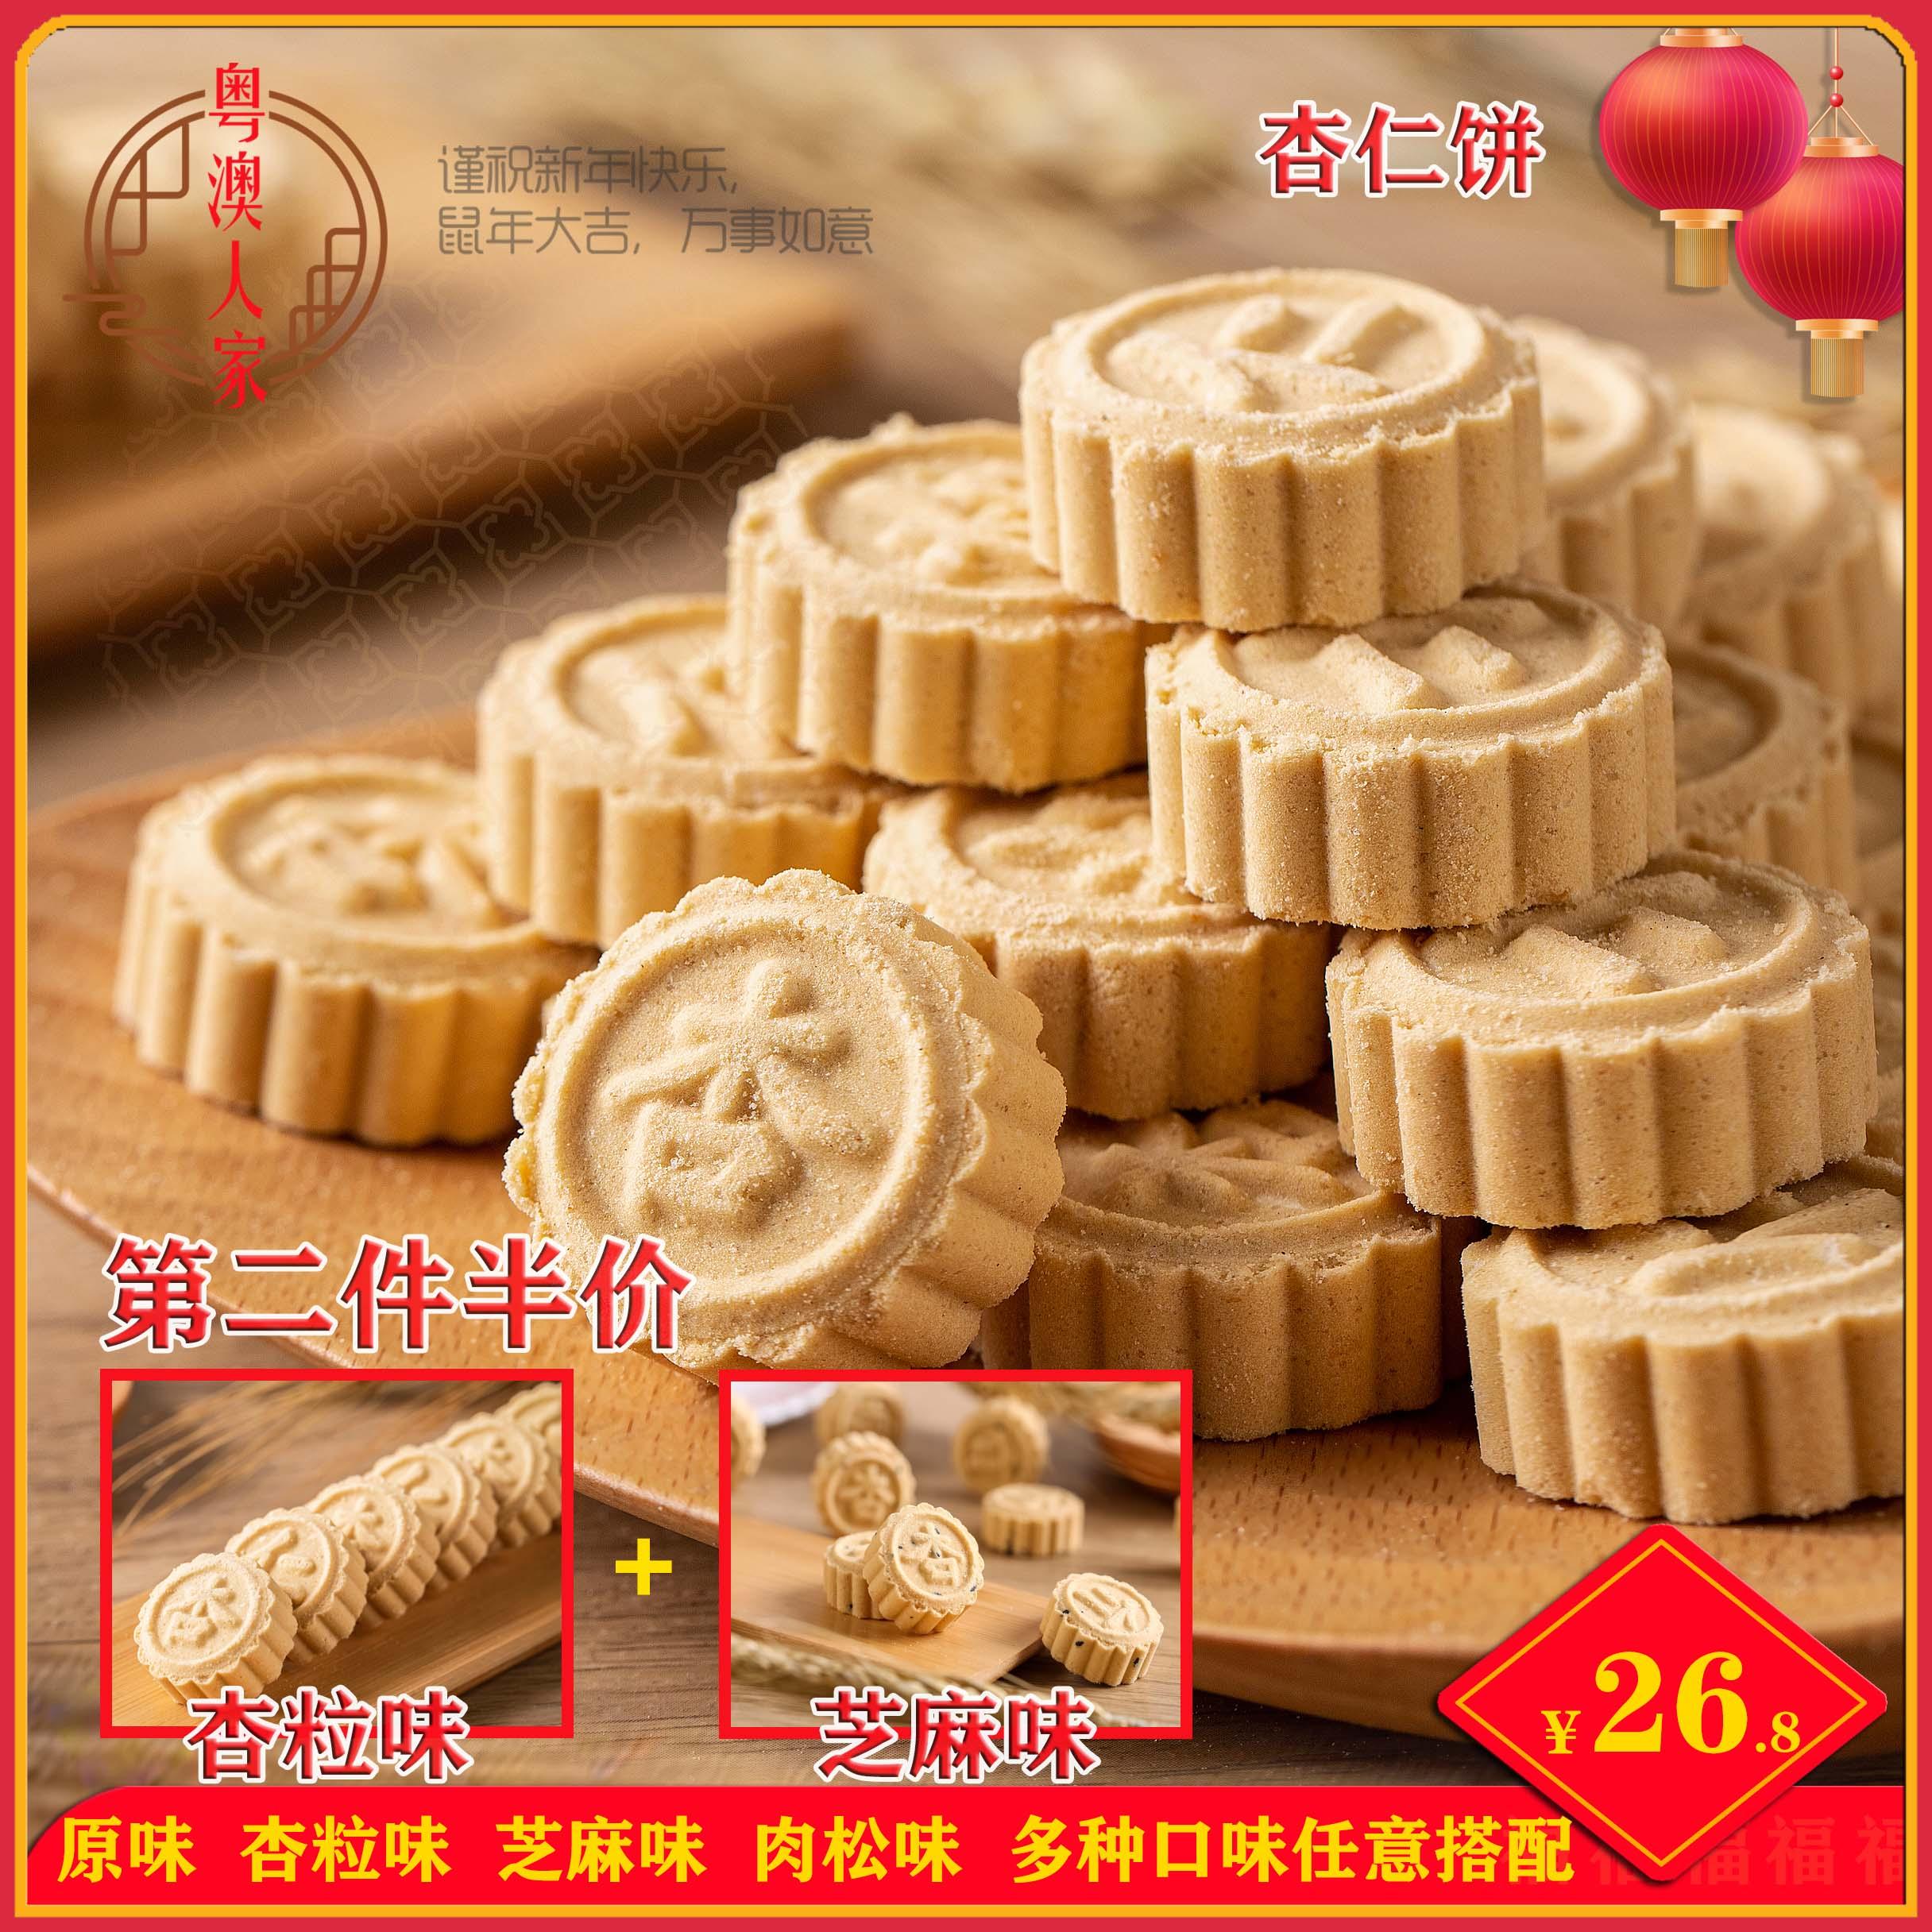 抗饥饿小零食广东广州珠海澳门特产杏仁饼米店不胖的零食糕点心